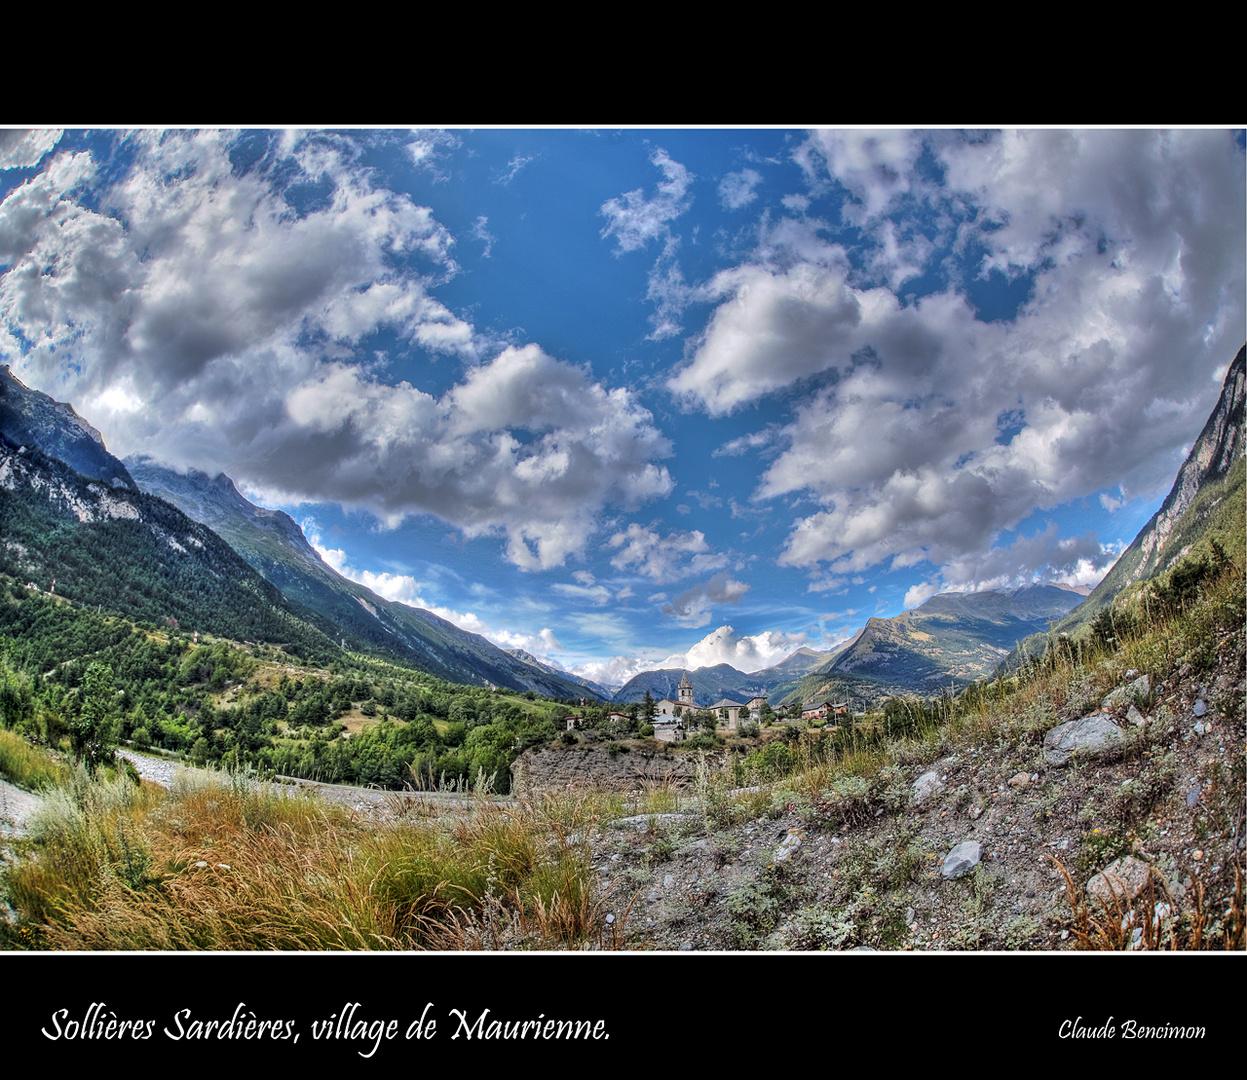 Sollières Sardières, village de Maurienne.